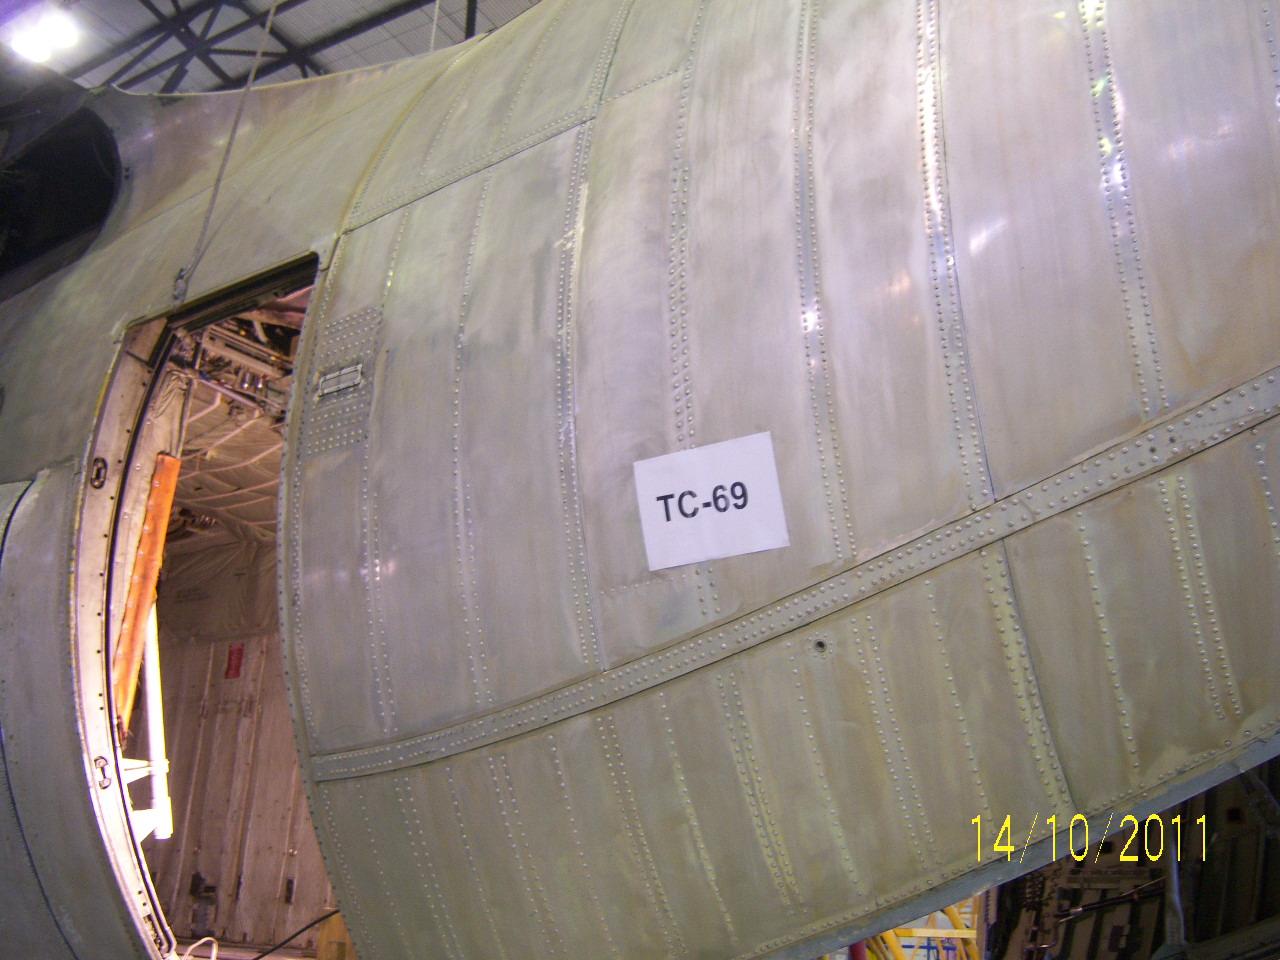 Upgrade a la avionica de los Hercules???? - Página 2 Dffbf1a16a160018fc957c6a0969f717o